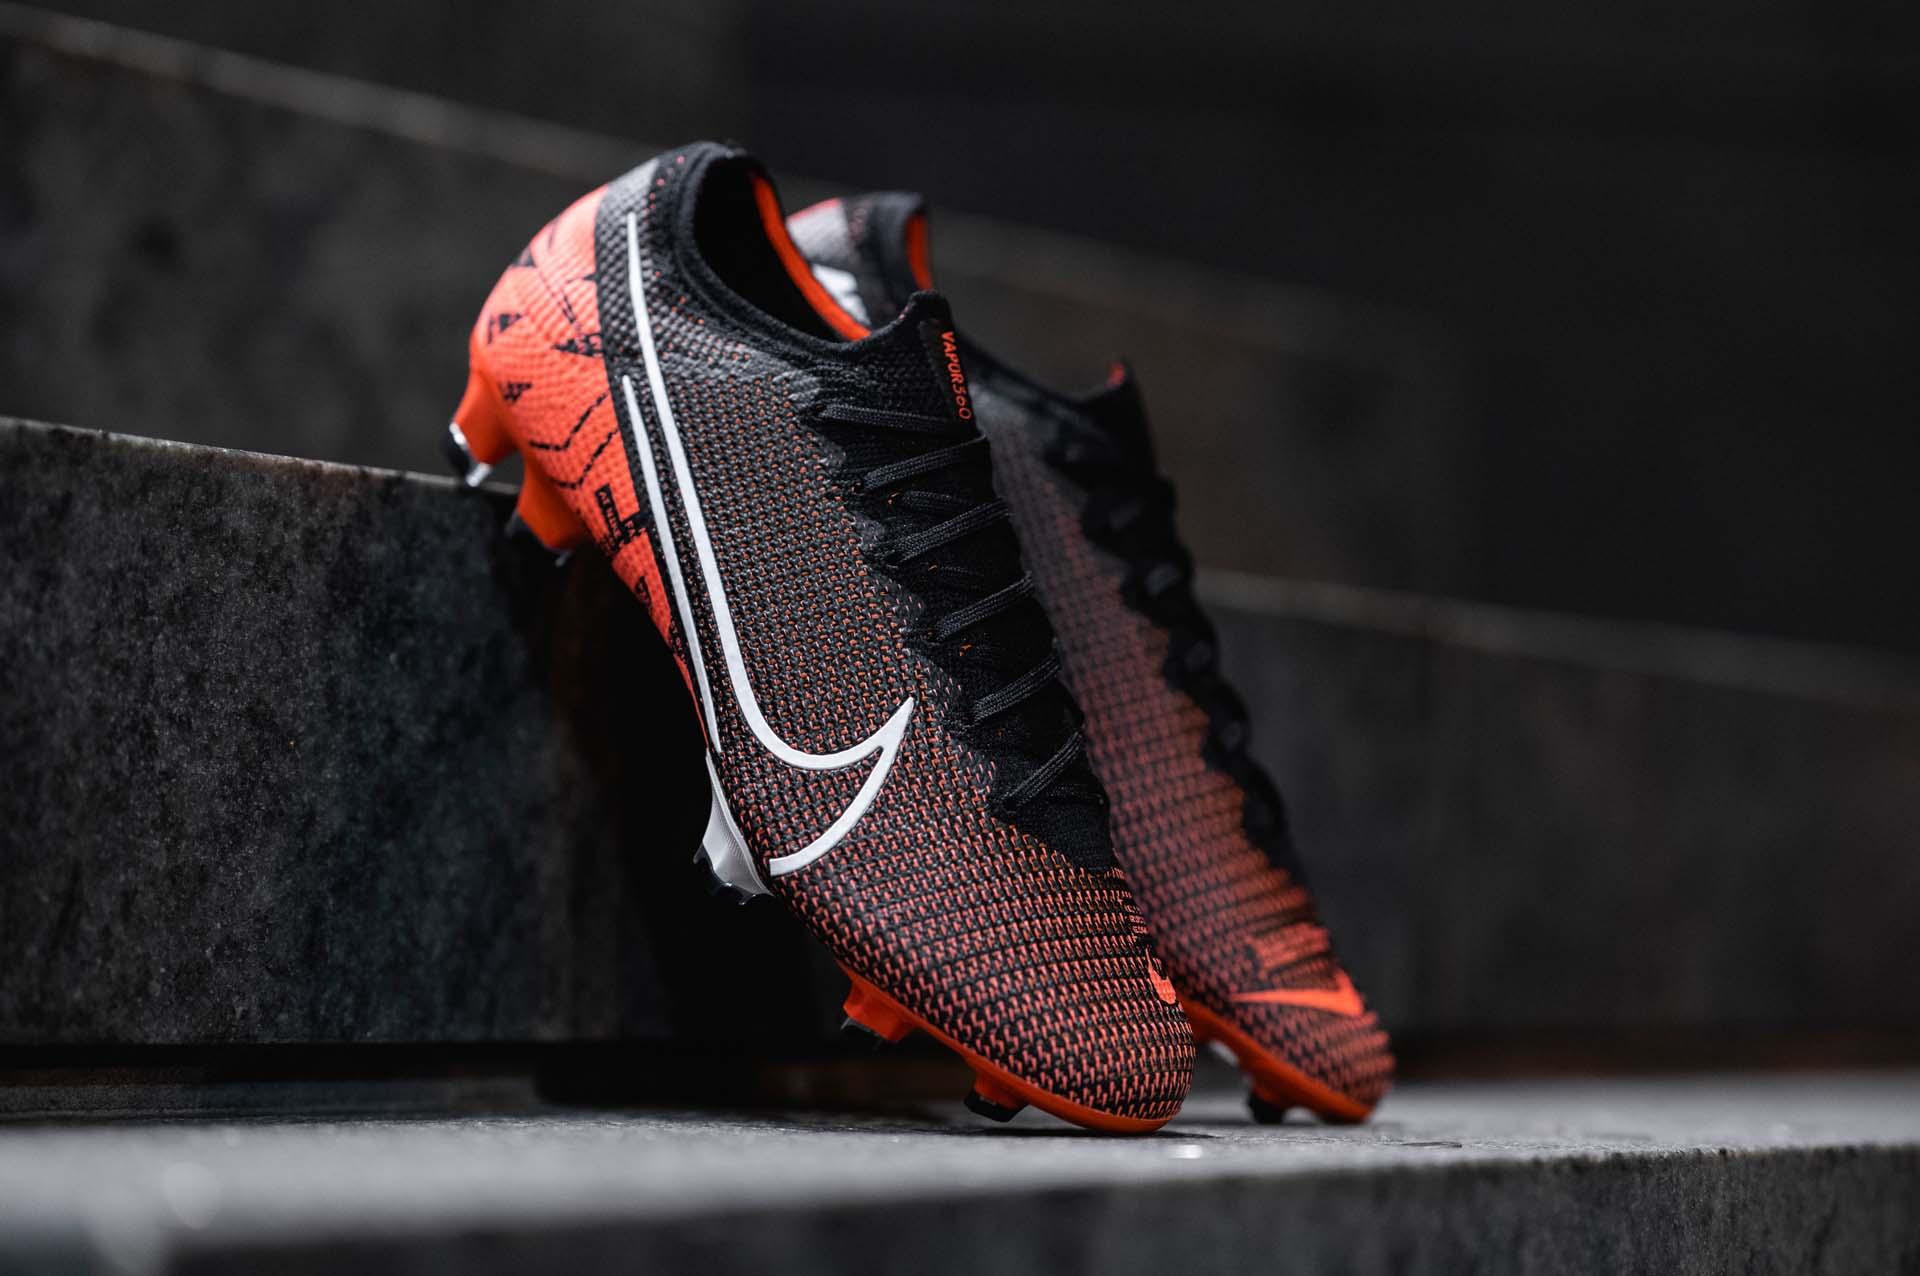 Giày đá banh chính hãng. Giày đá banh Nike. Nike Mercurial Vapor 13 như là một món quà xứng đáng để khách hàng tự thưởng cho bản thân